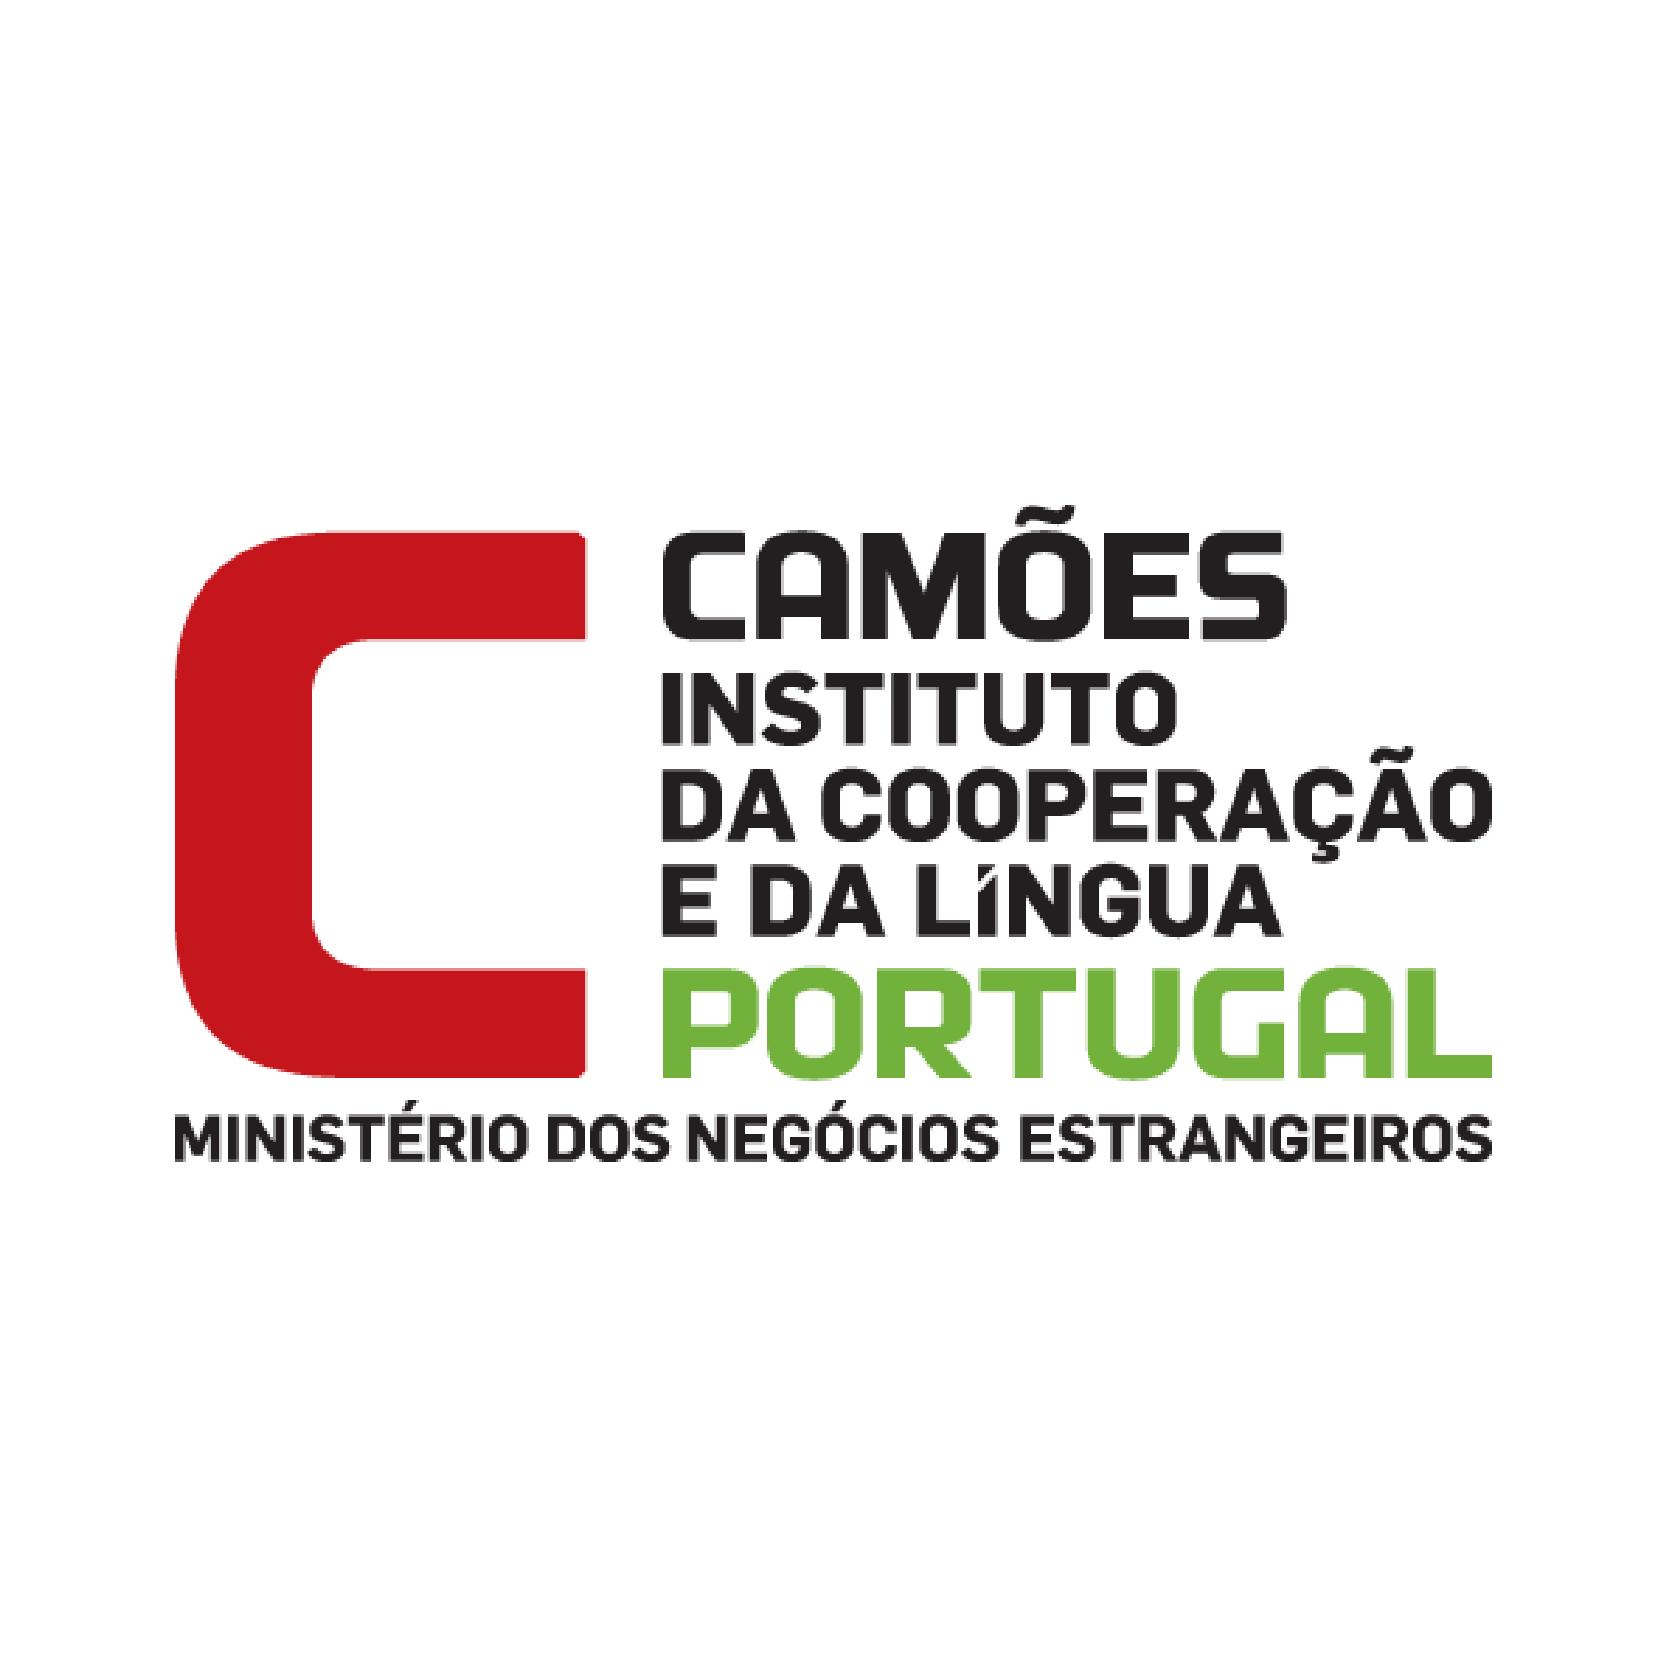 Camões – Instituto da Cooperação e da Língua